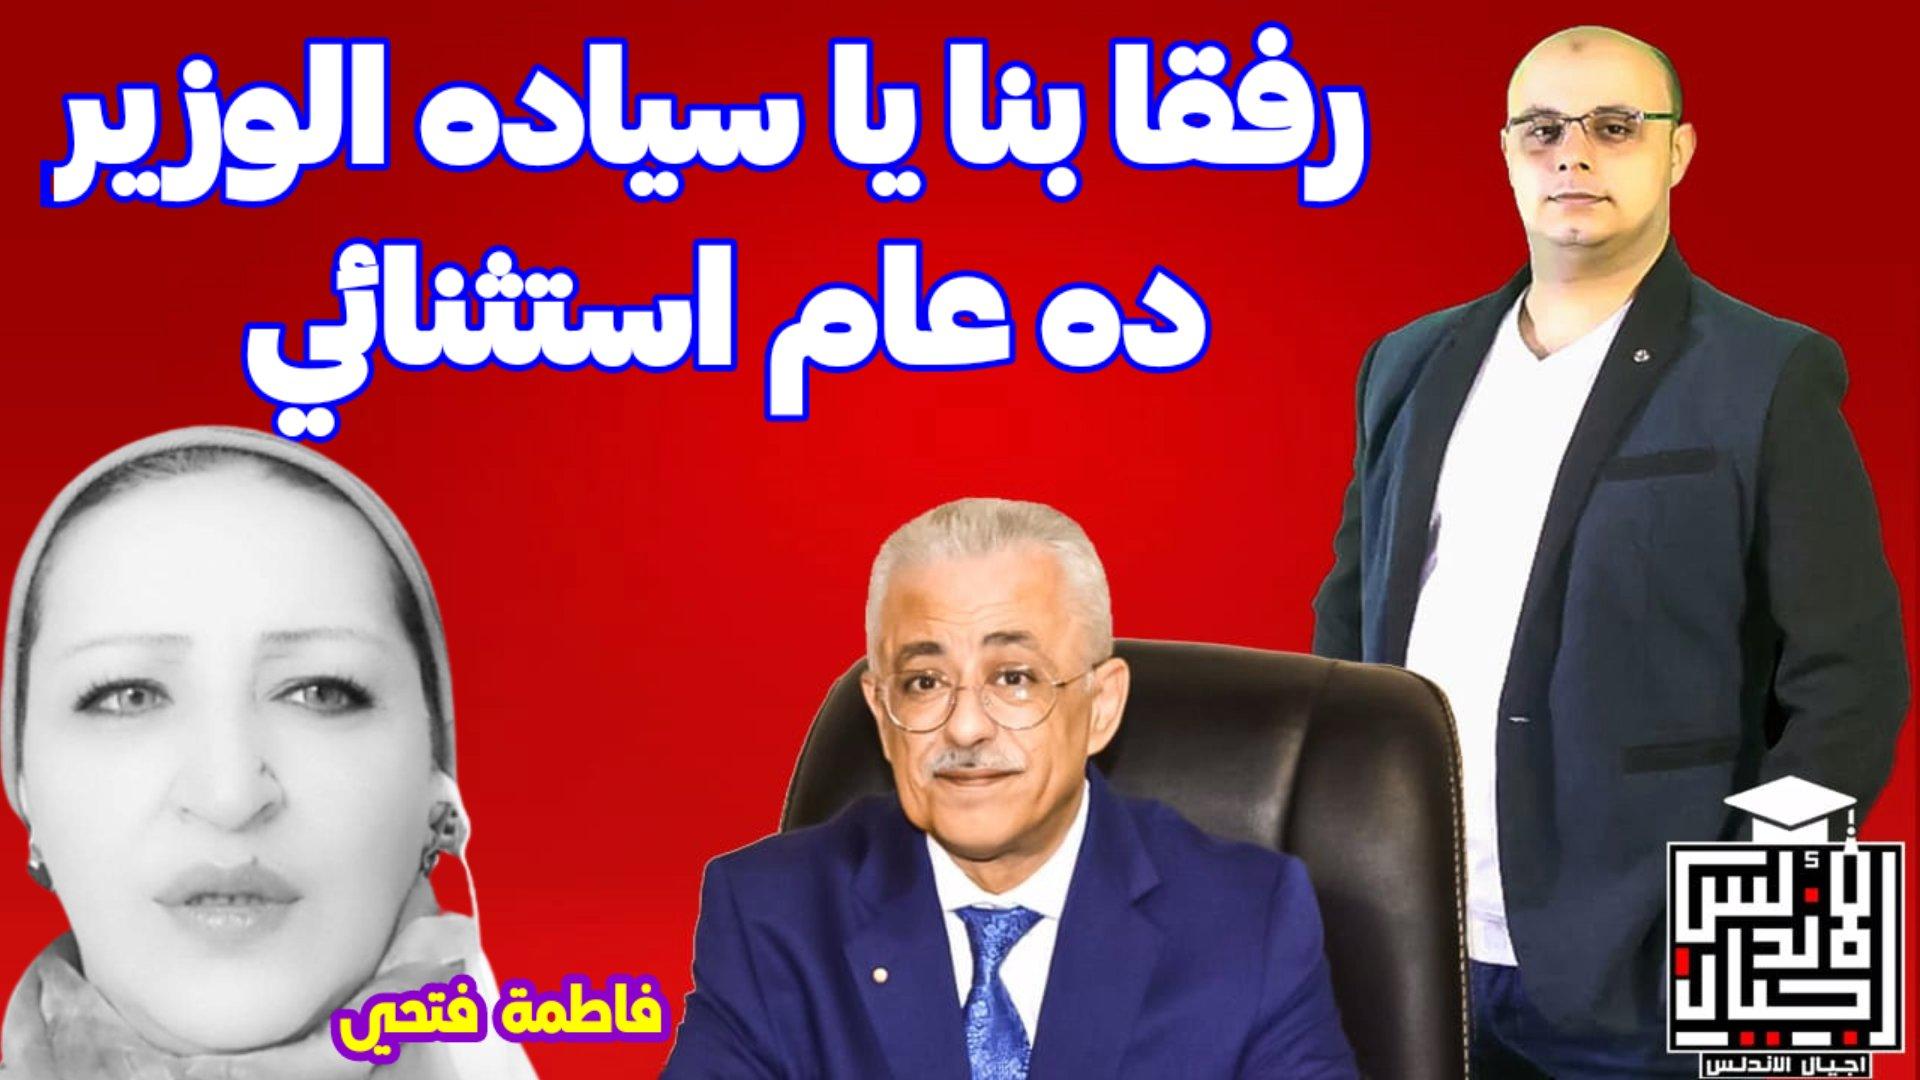 رسالة لازم توصل للوزير - رفقا بنا يا سياده الوزير ده عام استثنائي